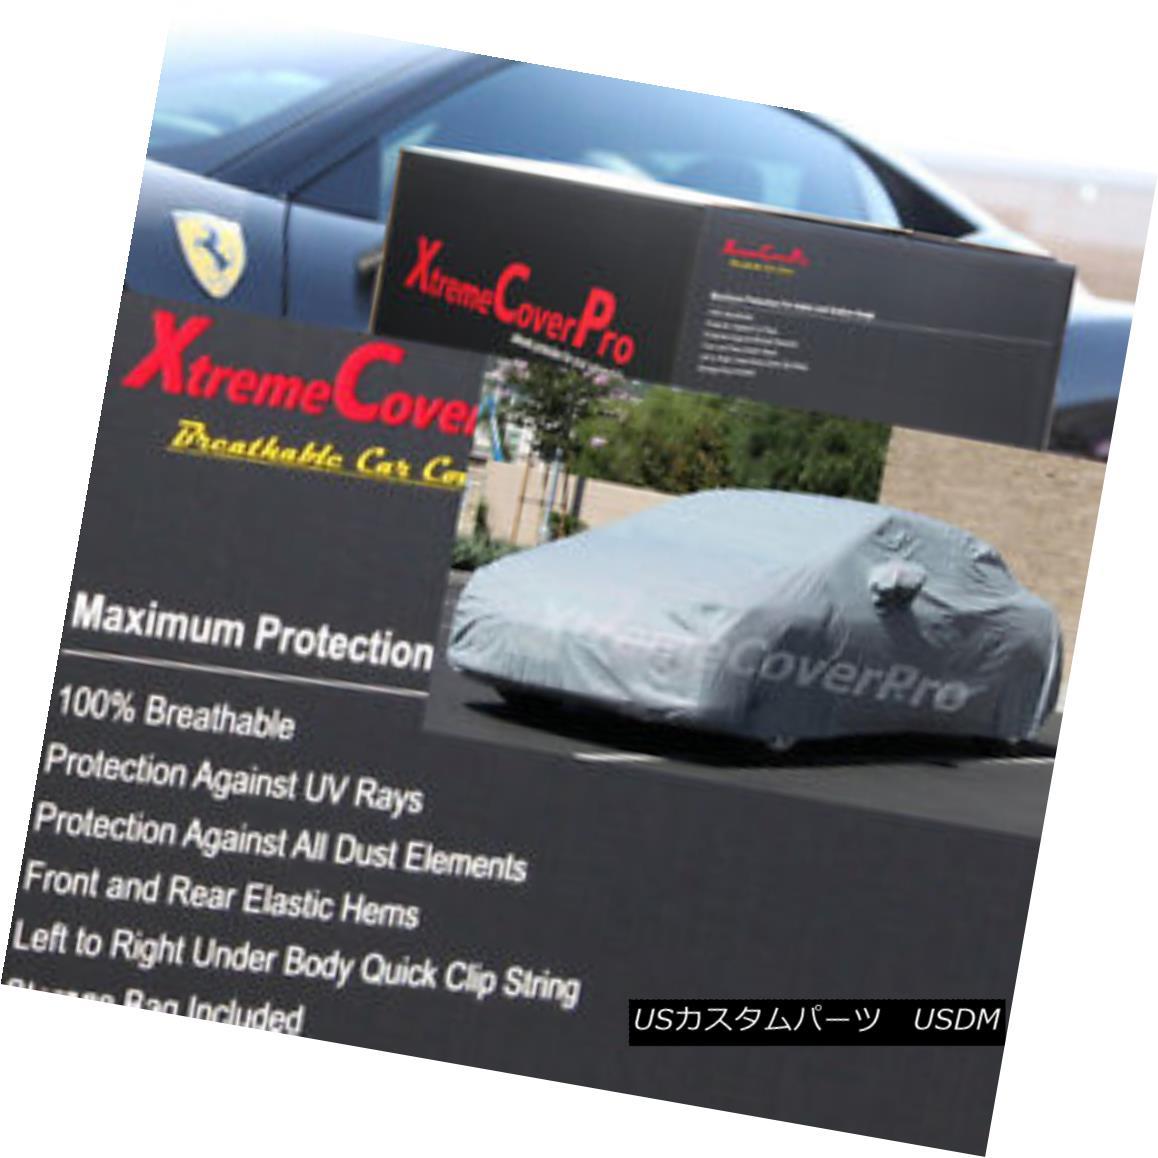 カーカバー 2006 2007 2008 Mercedes SL500 SL600 Breathable Car Cover w/MirrorPocket 2006年2007年2008年メルセデスSL500 SL600通気性車カバー付きMirrorPocket